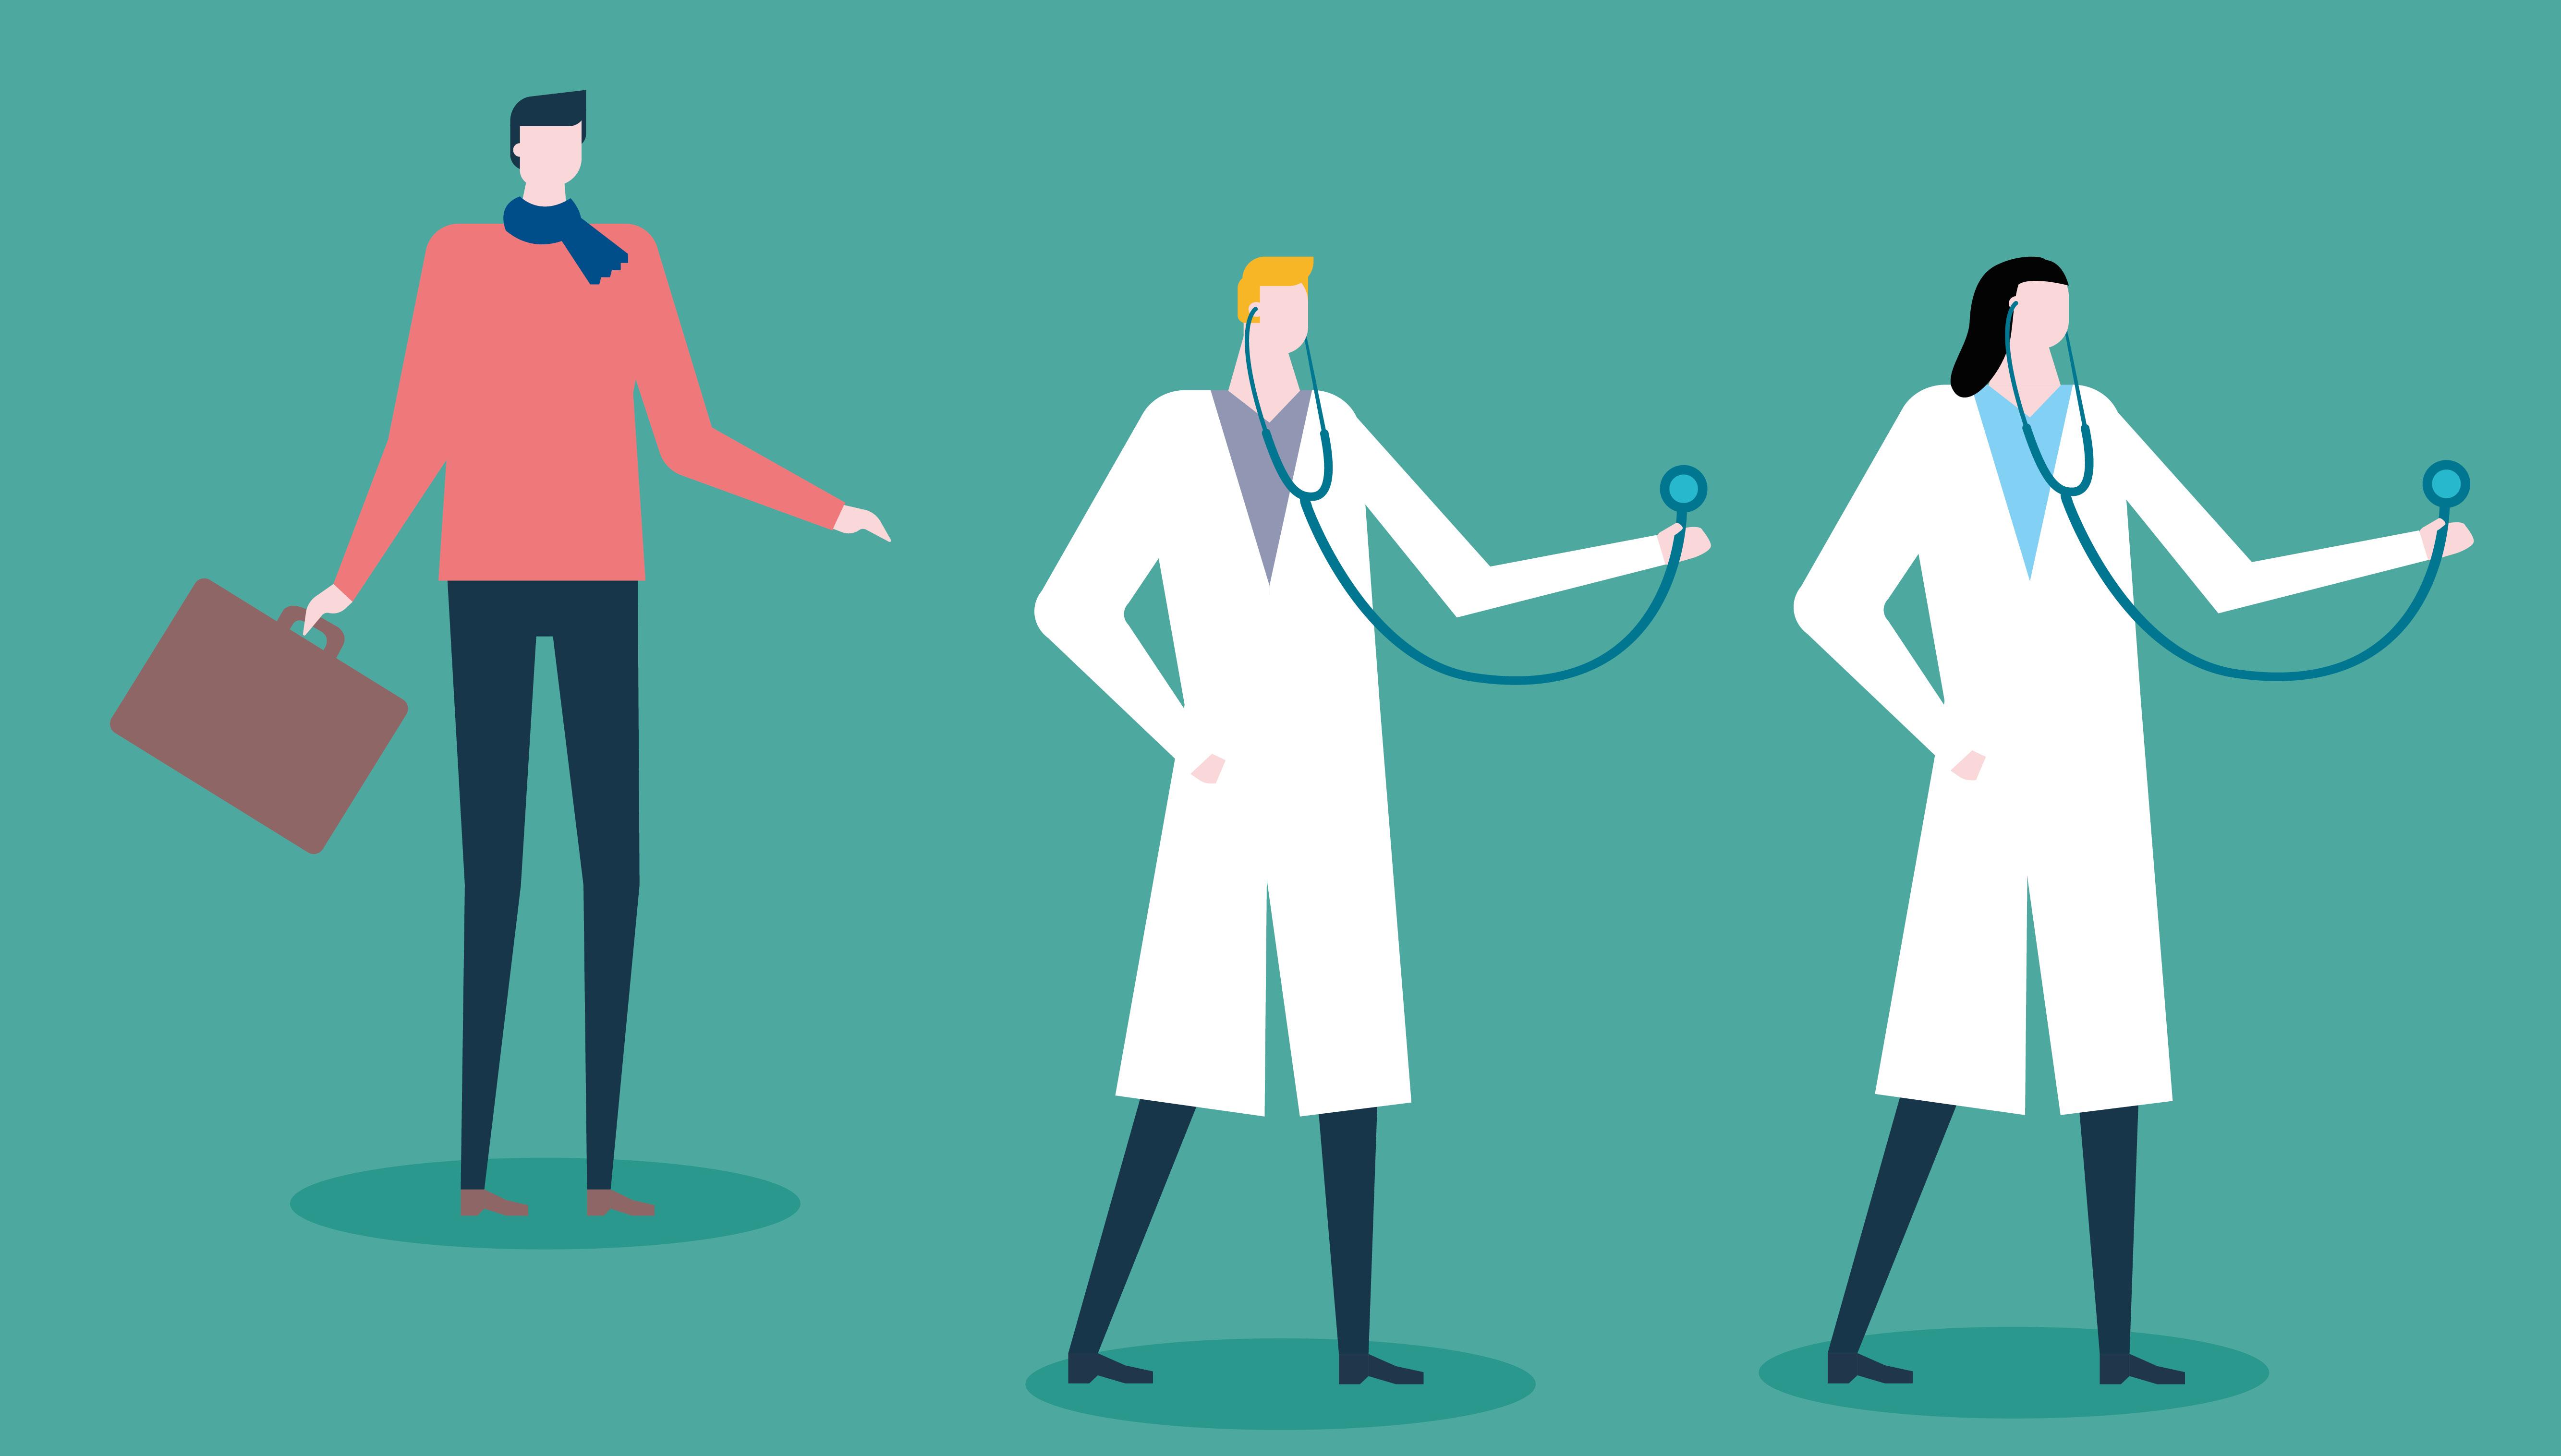 Lakimuutos voi asiantuntijoiden mukaan lisätä painetta perusterveydenhuoltoa kohtaan, erityisesti jos työterveyshuollon toimintasuunnitelmista vähennetään sairaanhoitoa, jonka järjestäminen on työnantajille vapaaehtoista.